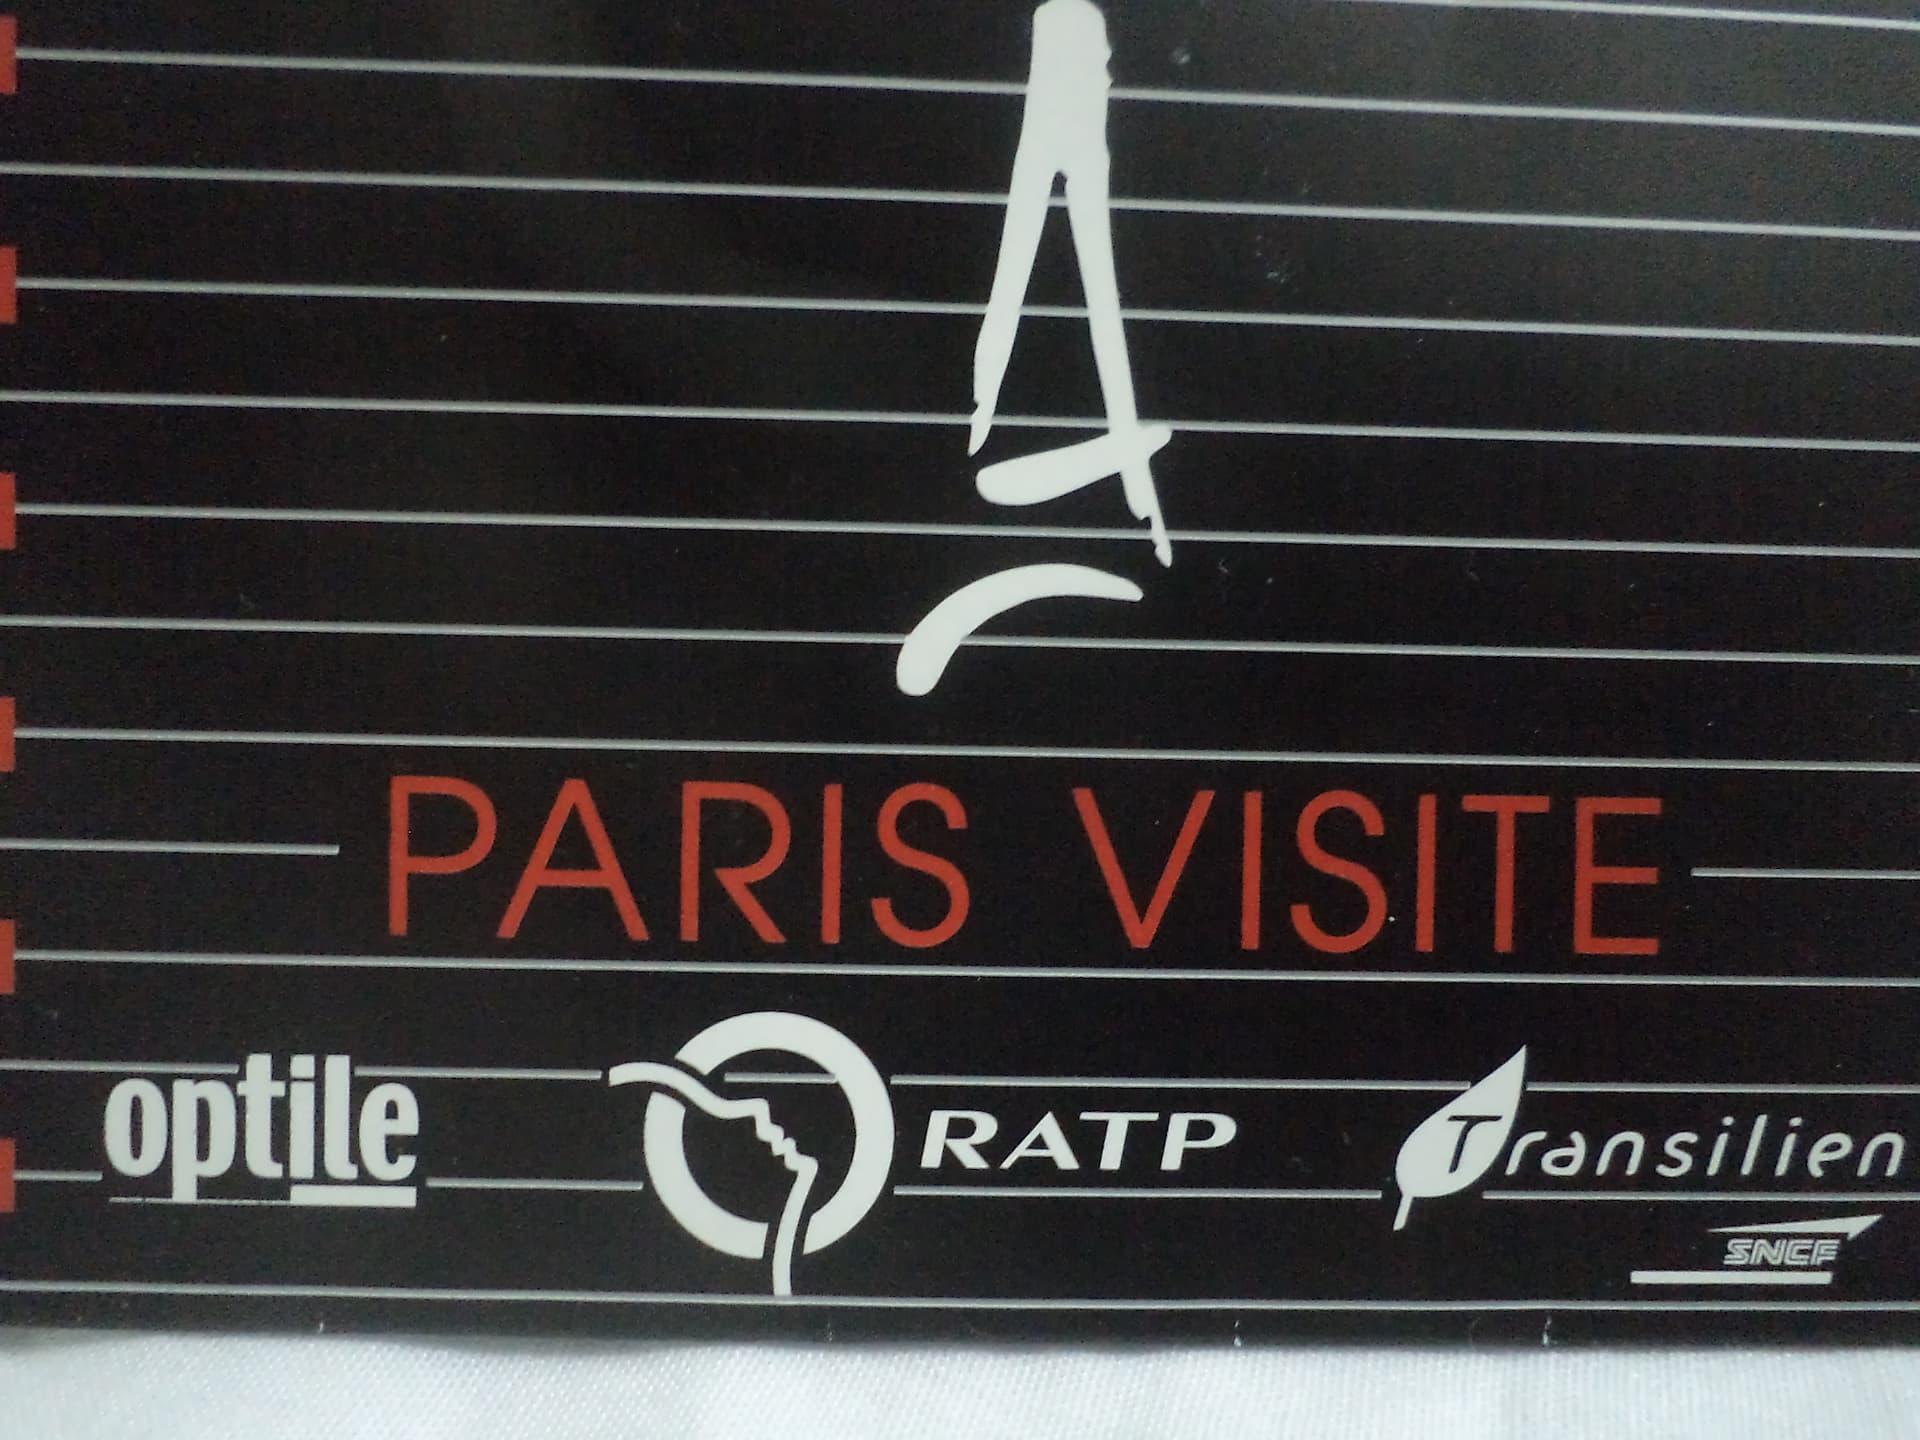 Cardul Paris Visite